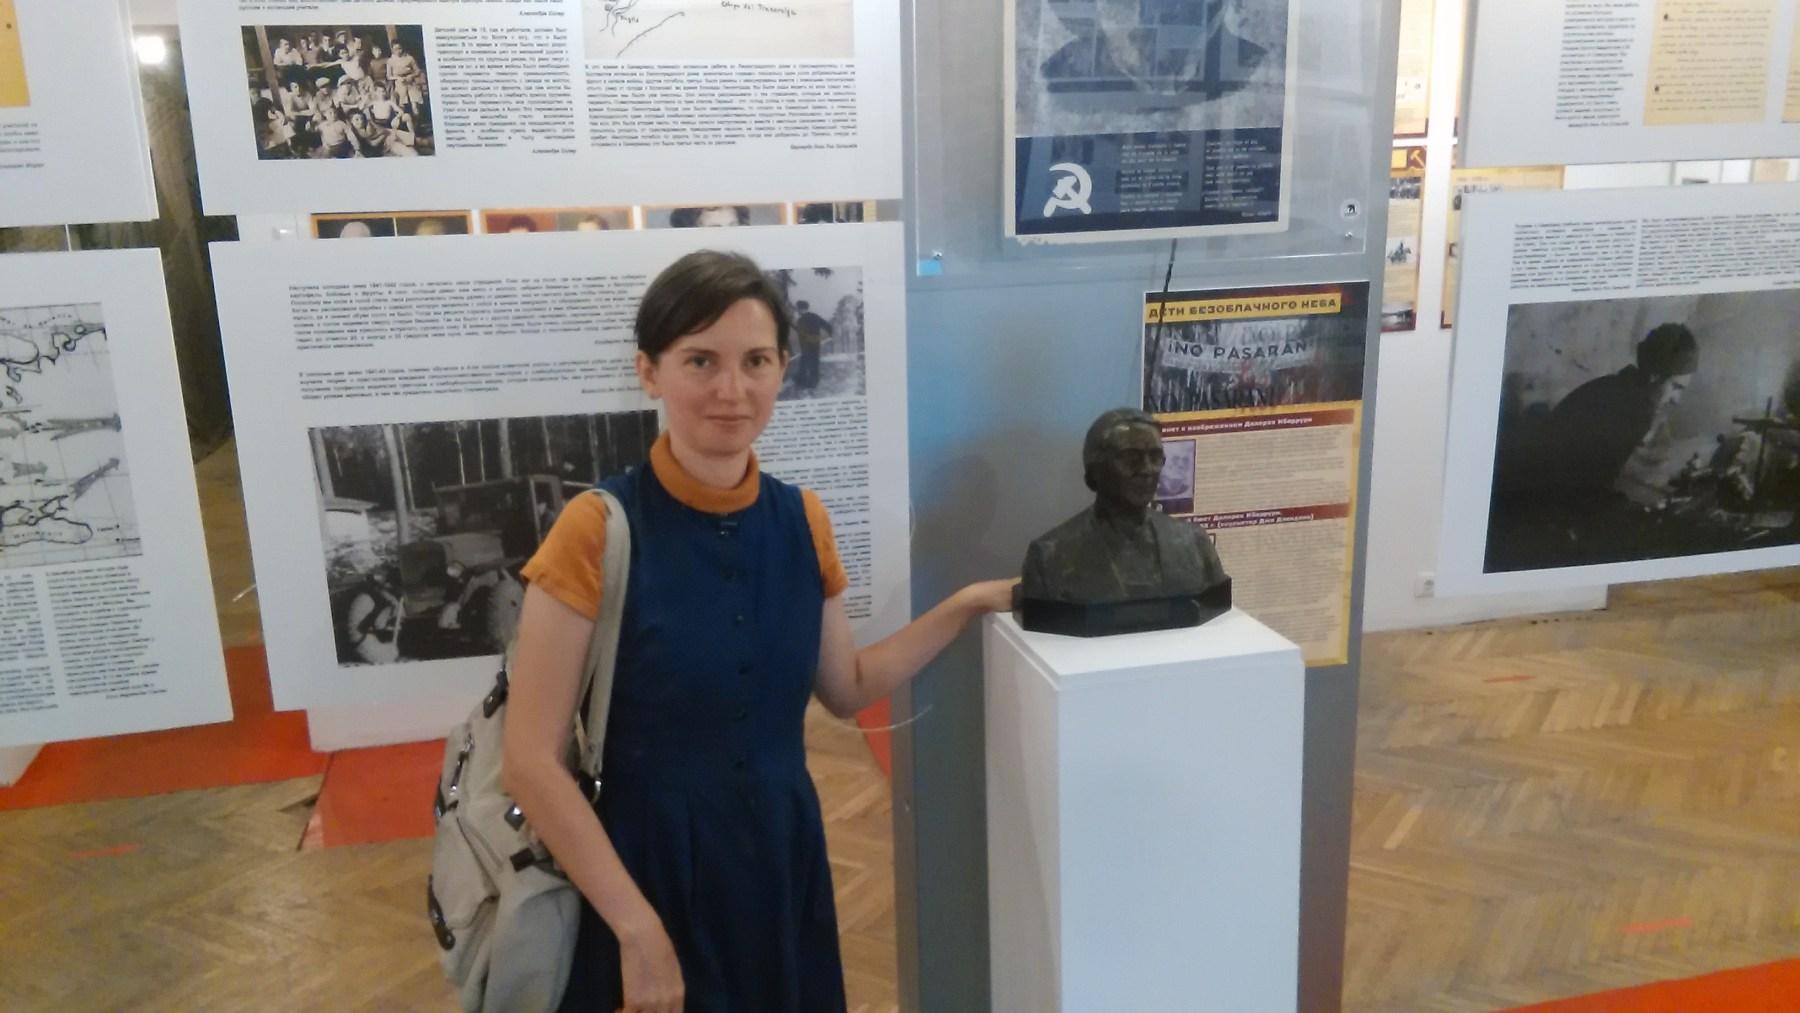 Анна Павловна Фернандес, ведущий специалист отдела комплектования РГАФД